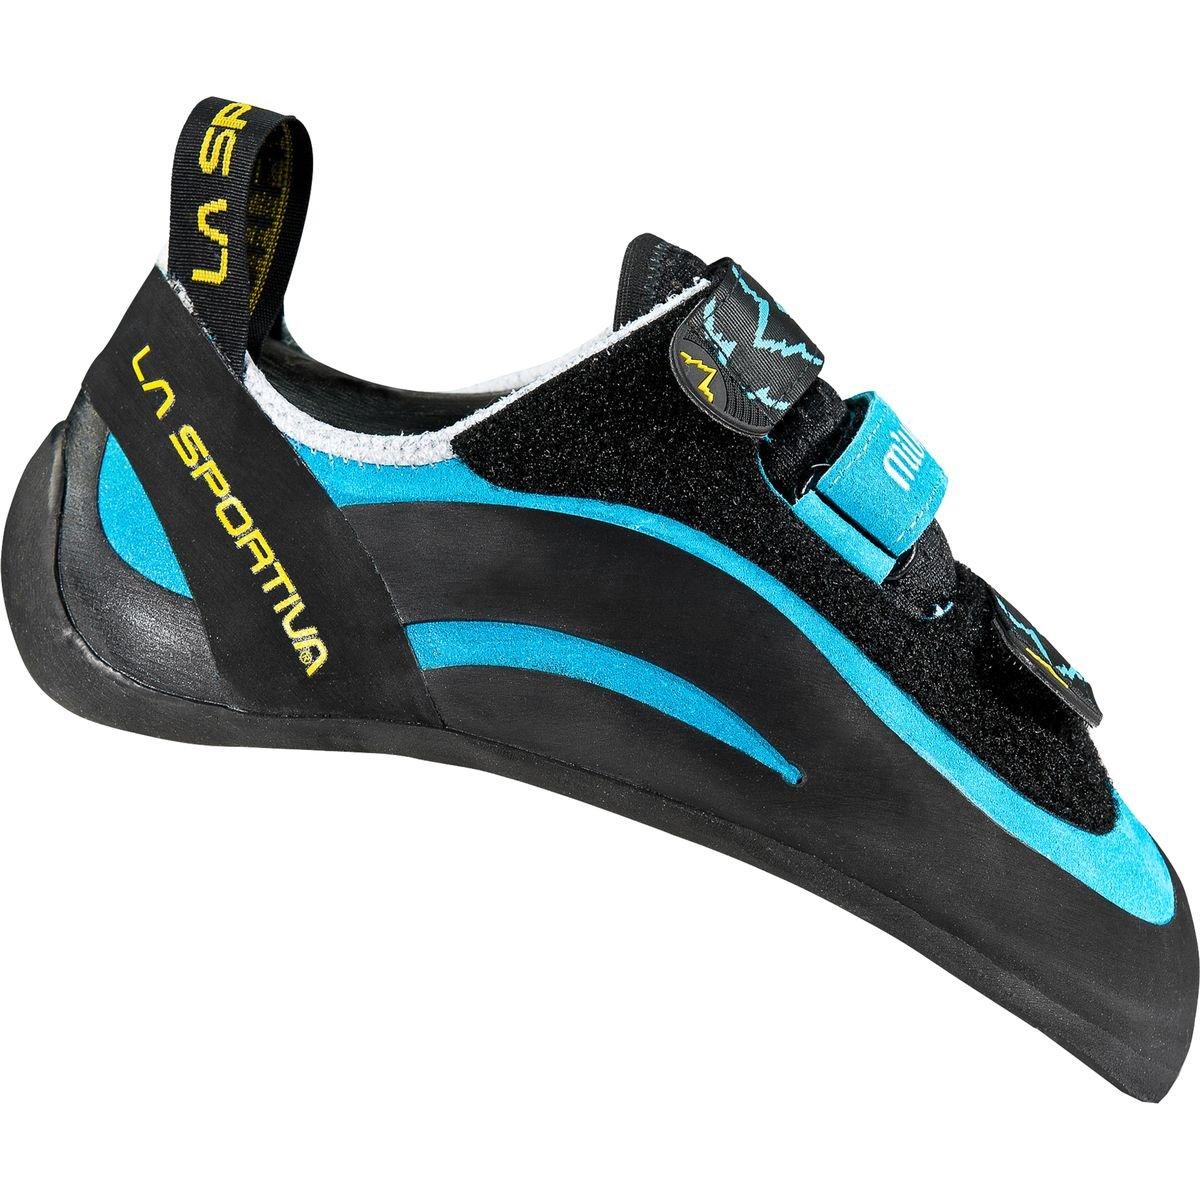 La Sportiva Miura VS Climbing Shoe - Women's Blue 32 by La Sportiva